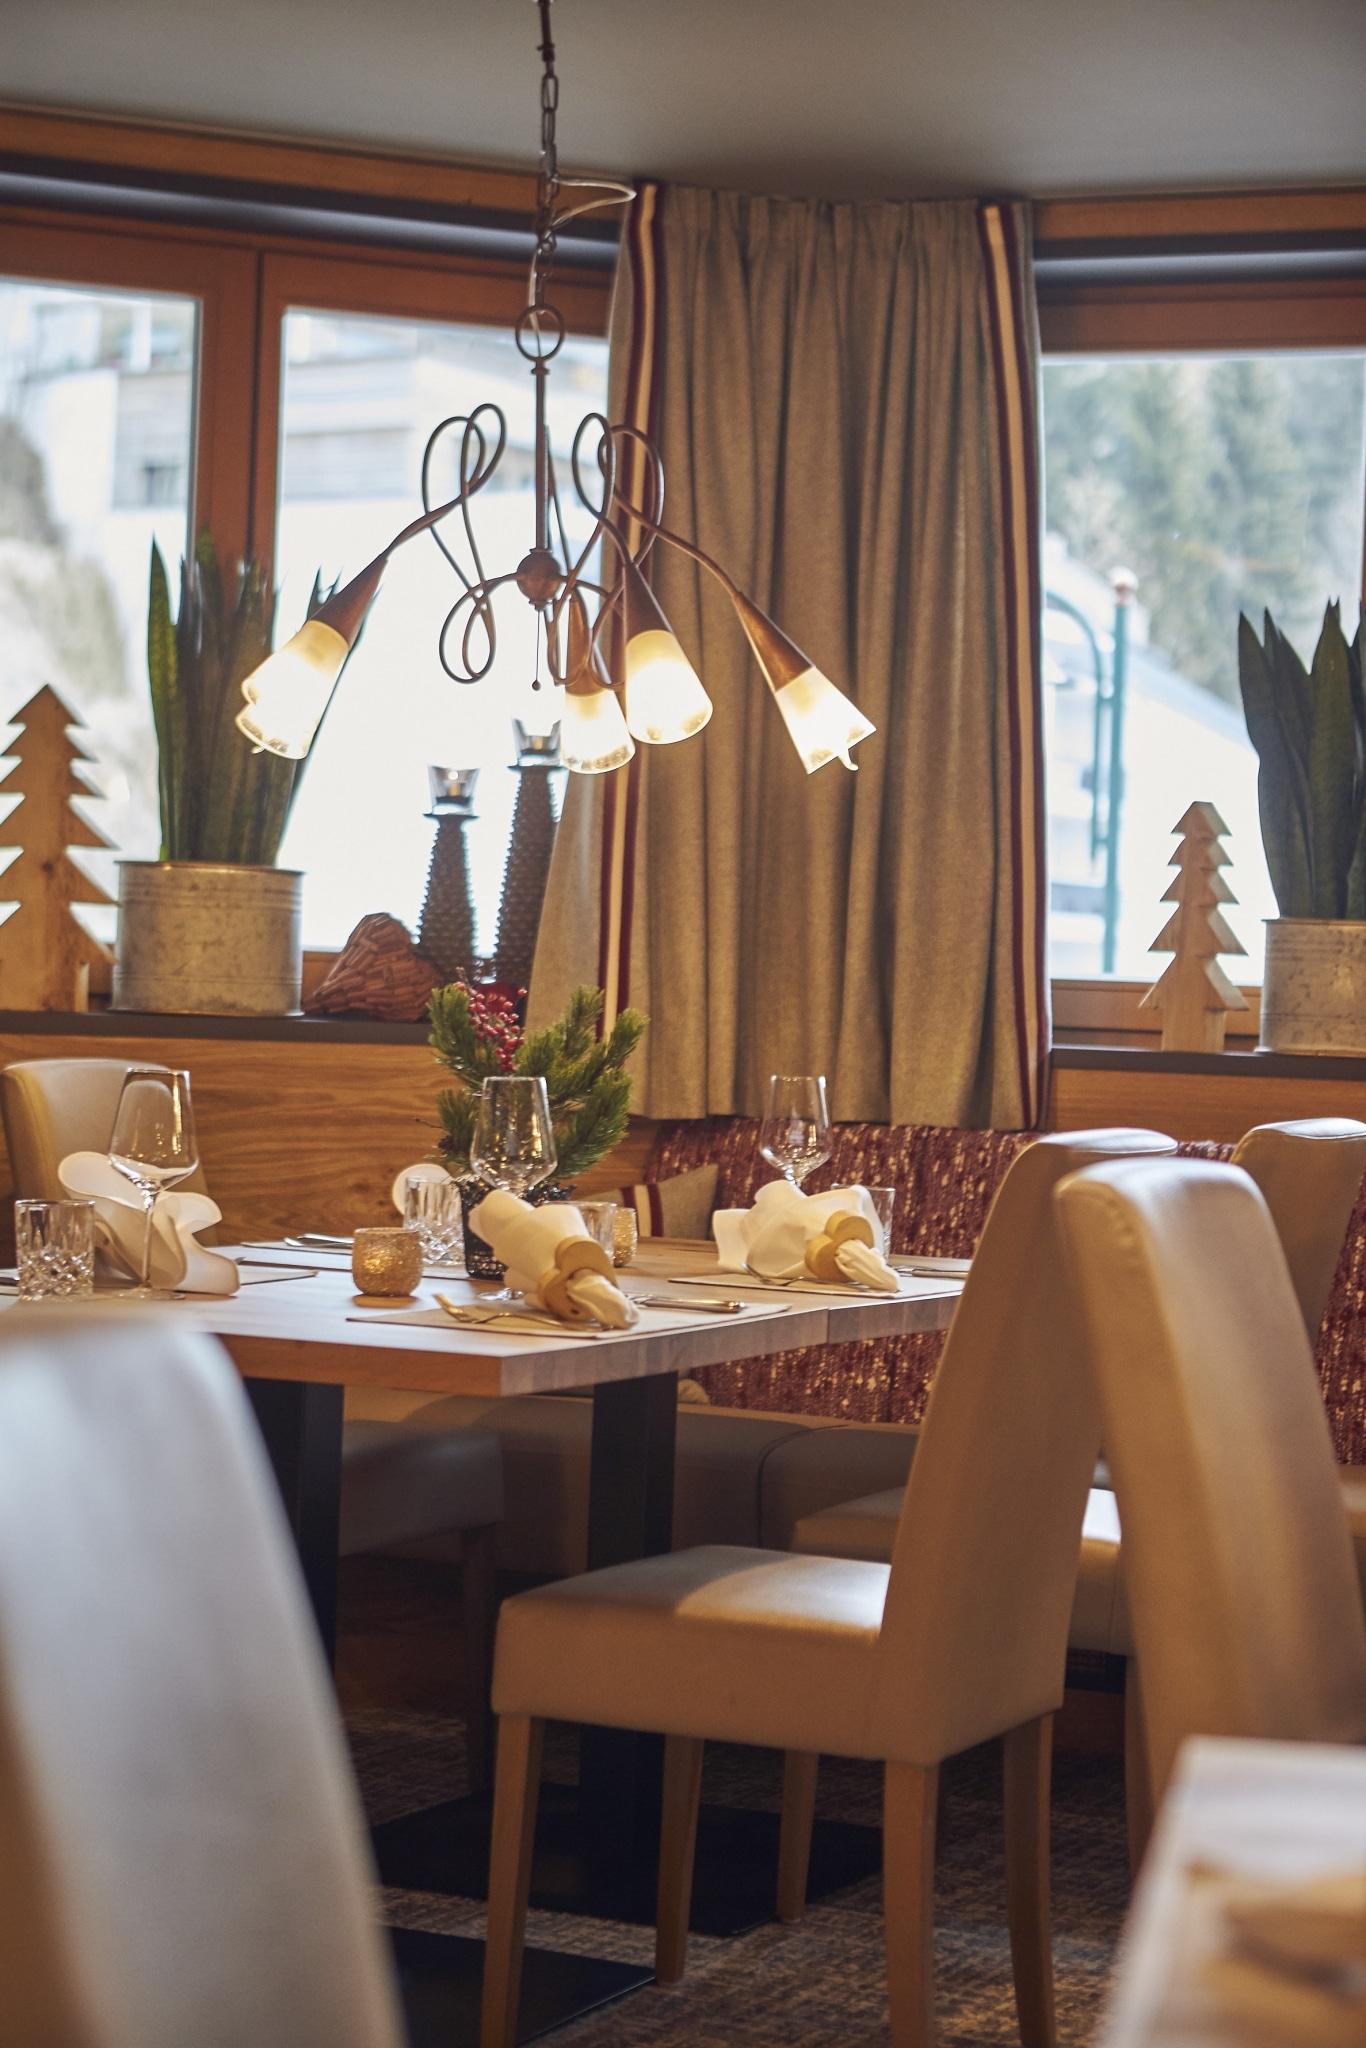 Tisch im Speisesaal mit einer Deckenlampe